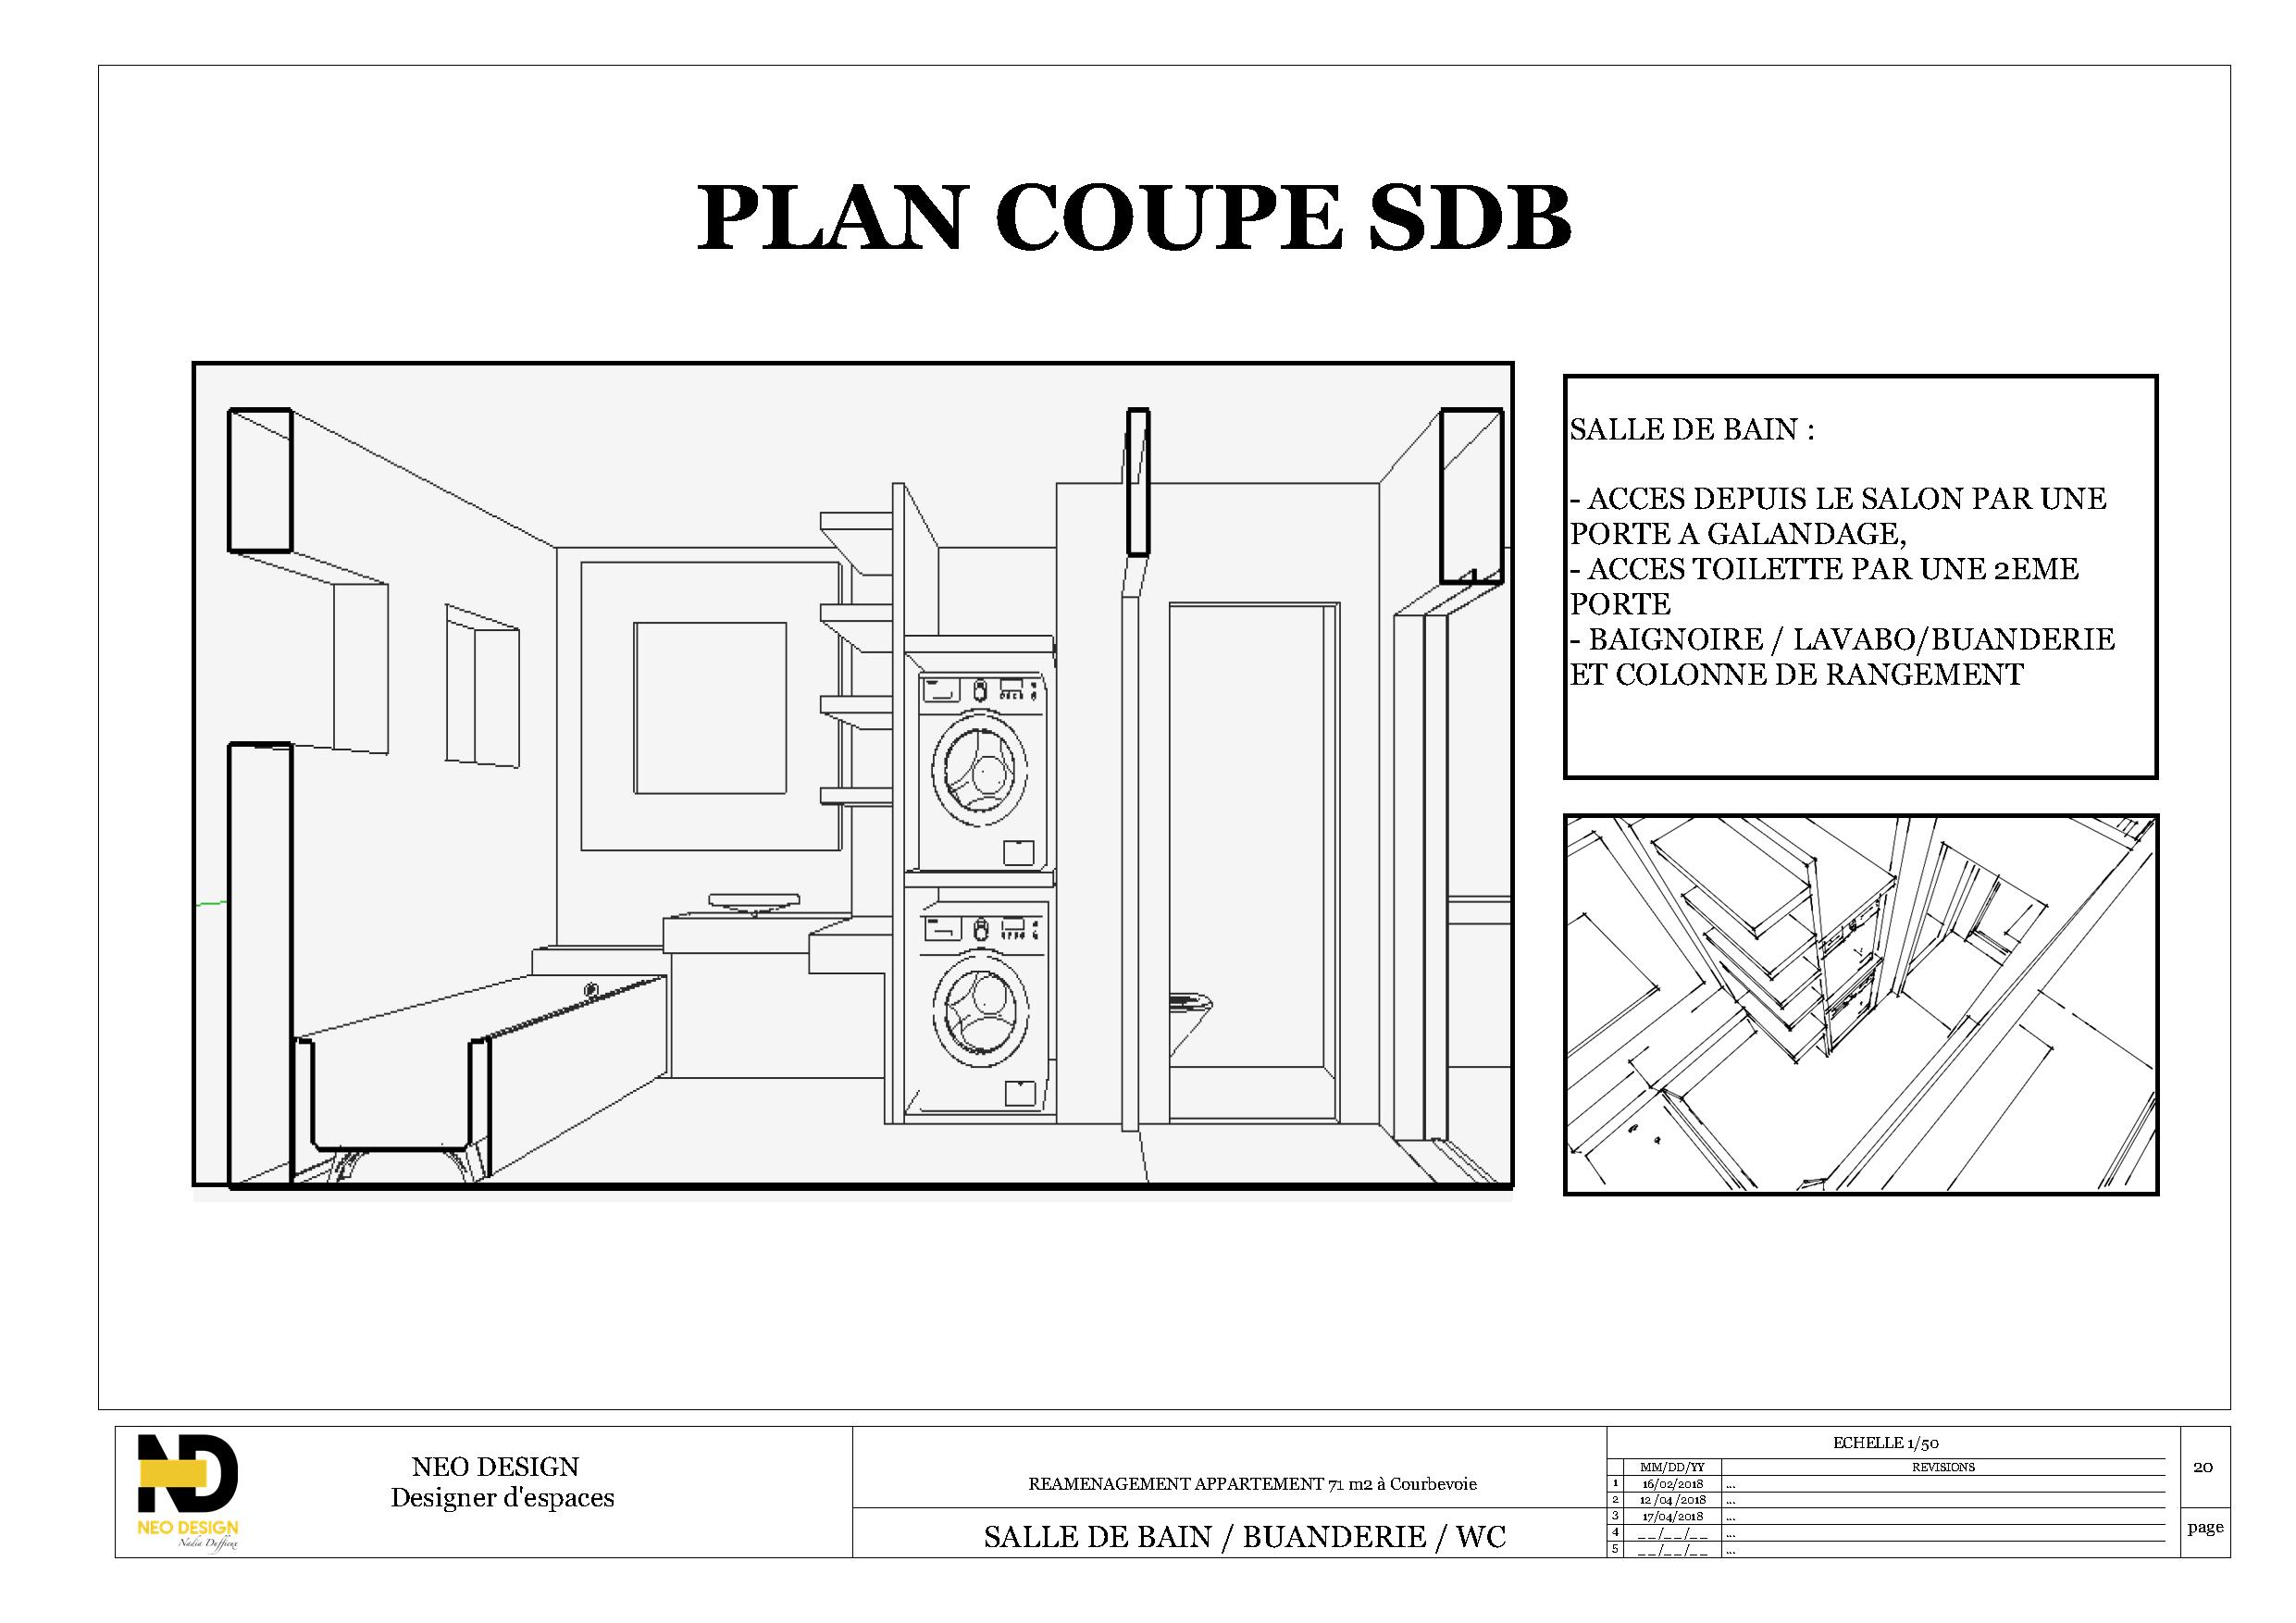 rénovation appartement 71m2 à courbevoie – neo design